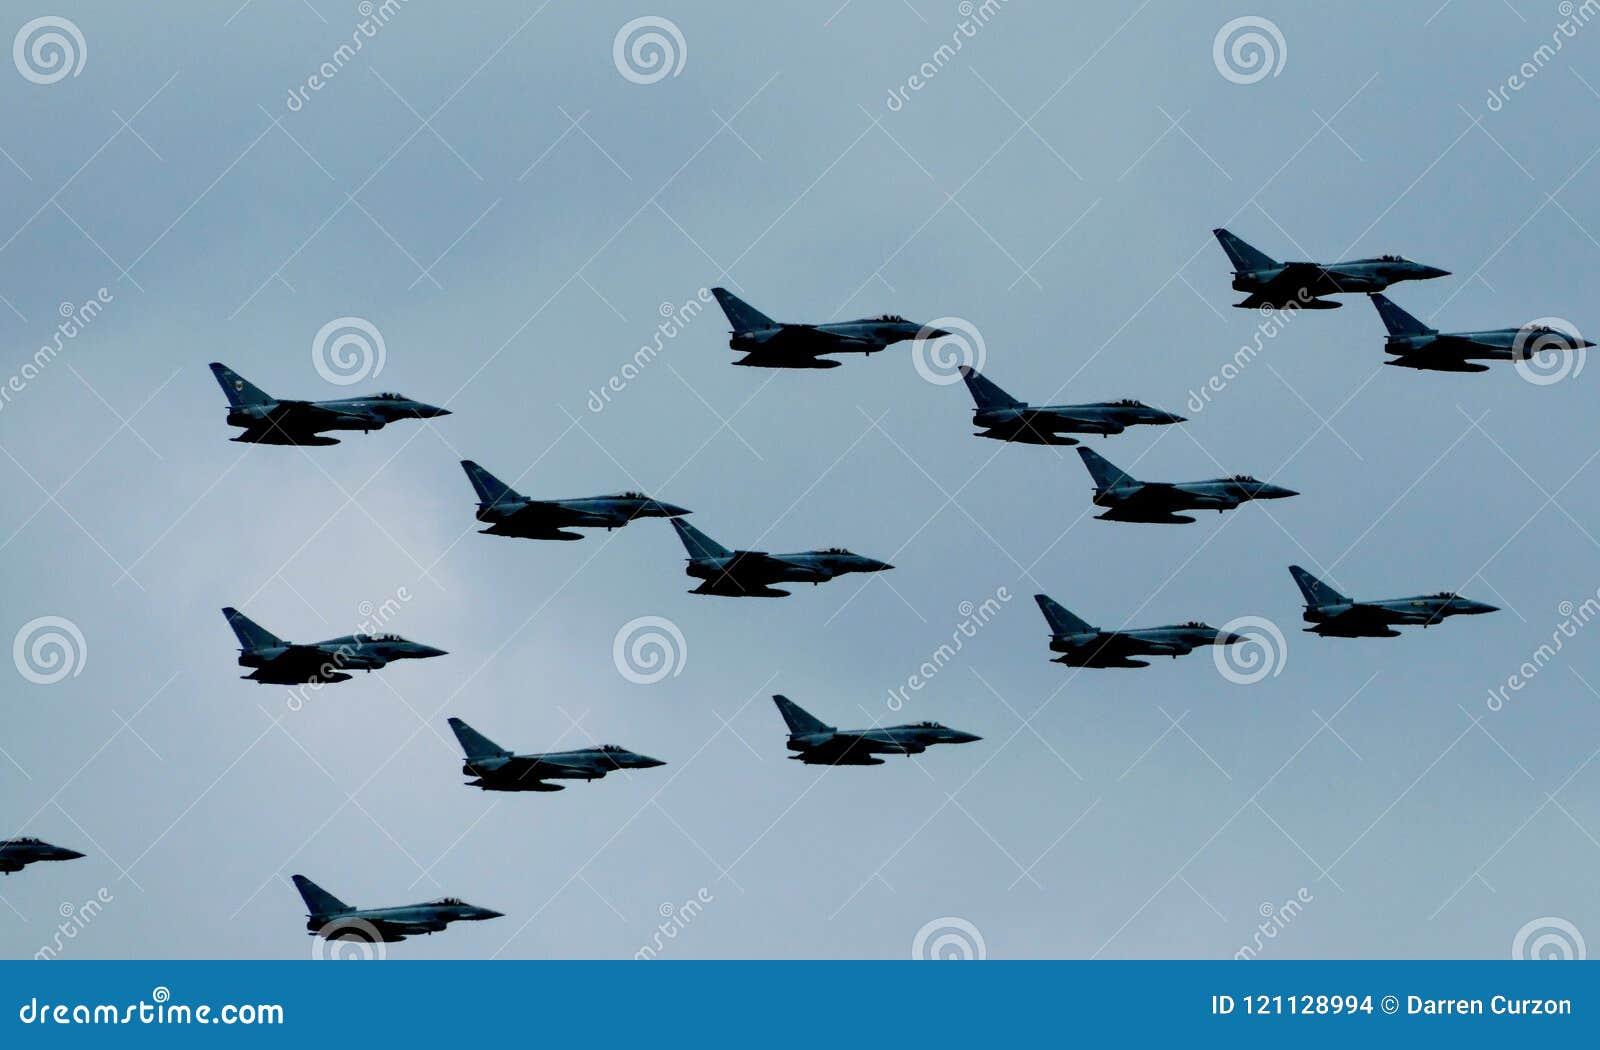 Λονδίνο, UK - 10 Ιουλίου 2018: RAF γιορτάζει την επέτειο 100 ετών του με flypast πέρα από το Buckingham Palace